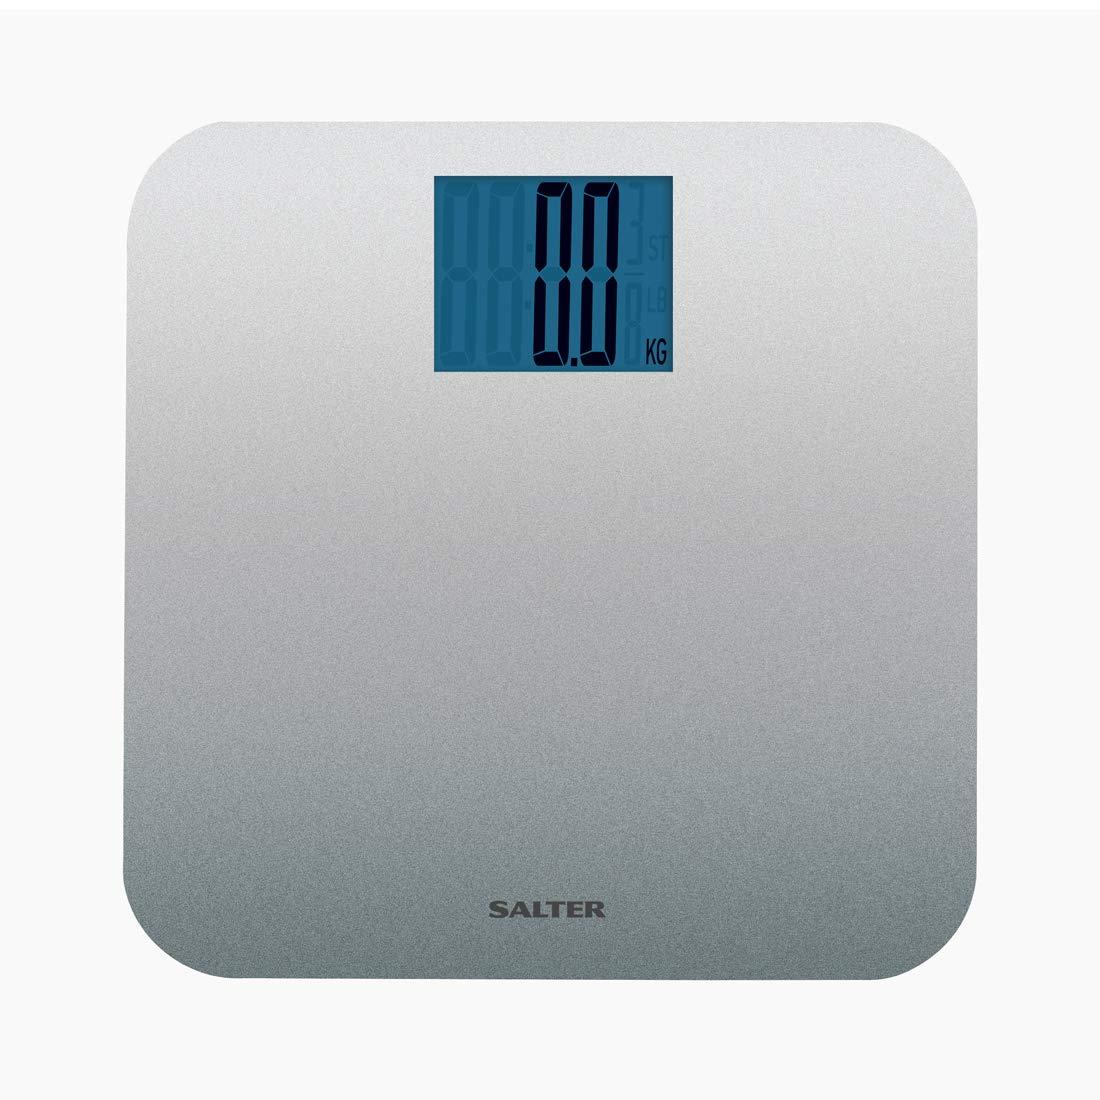 Salter Max - Báscula de baño analizadora, 250 kg, color blanco ...